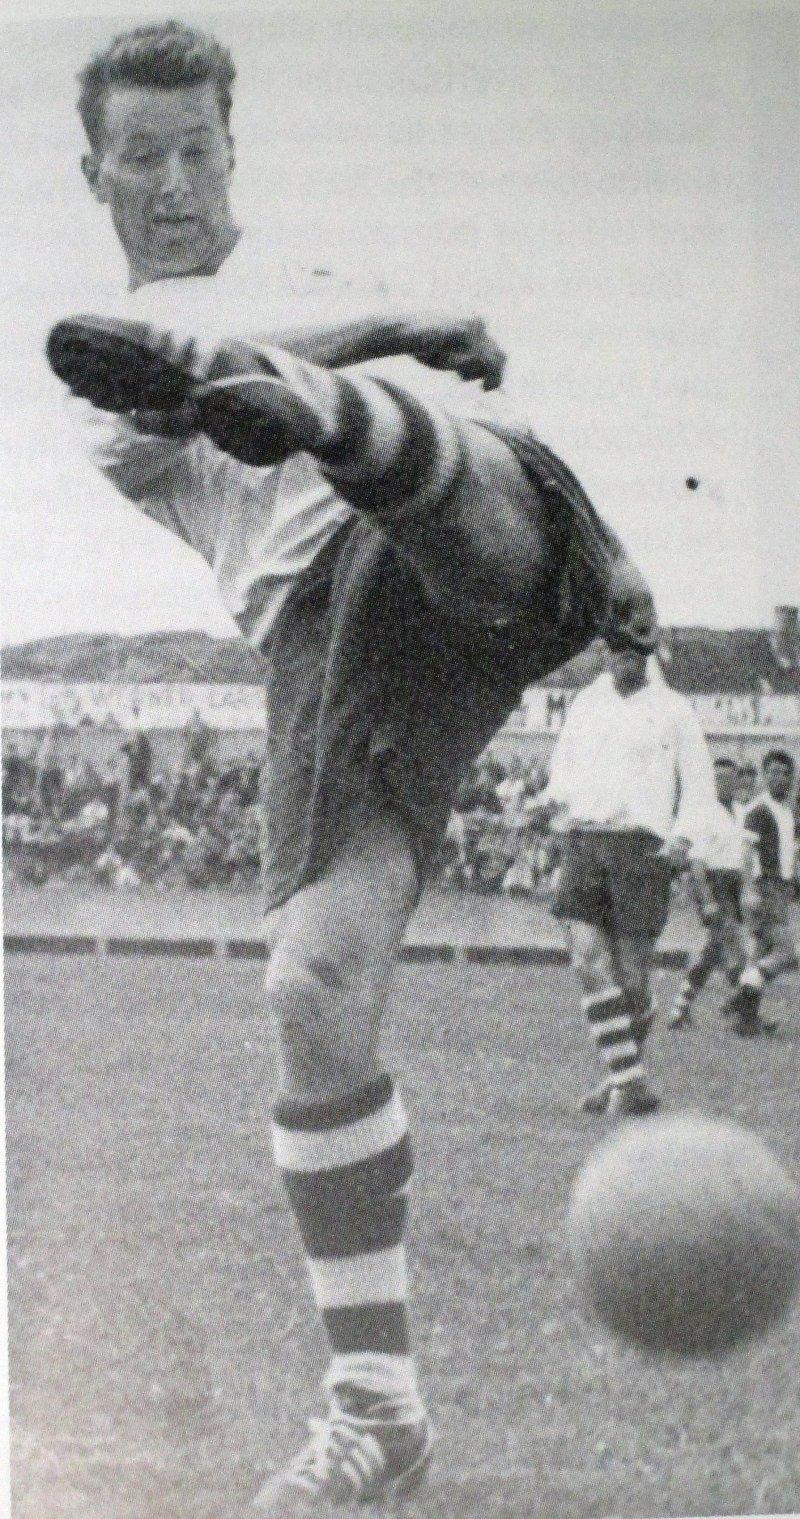 Tom Johannessen gikk fra Kråkerøy og rett inn på laget til FFK i 1959. Etter omskolering fra spiss til back gikk han også rett inn på A-landslaget.